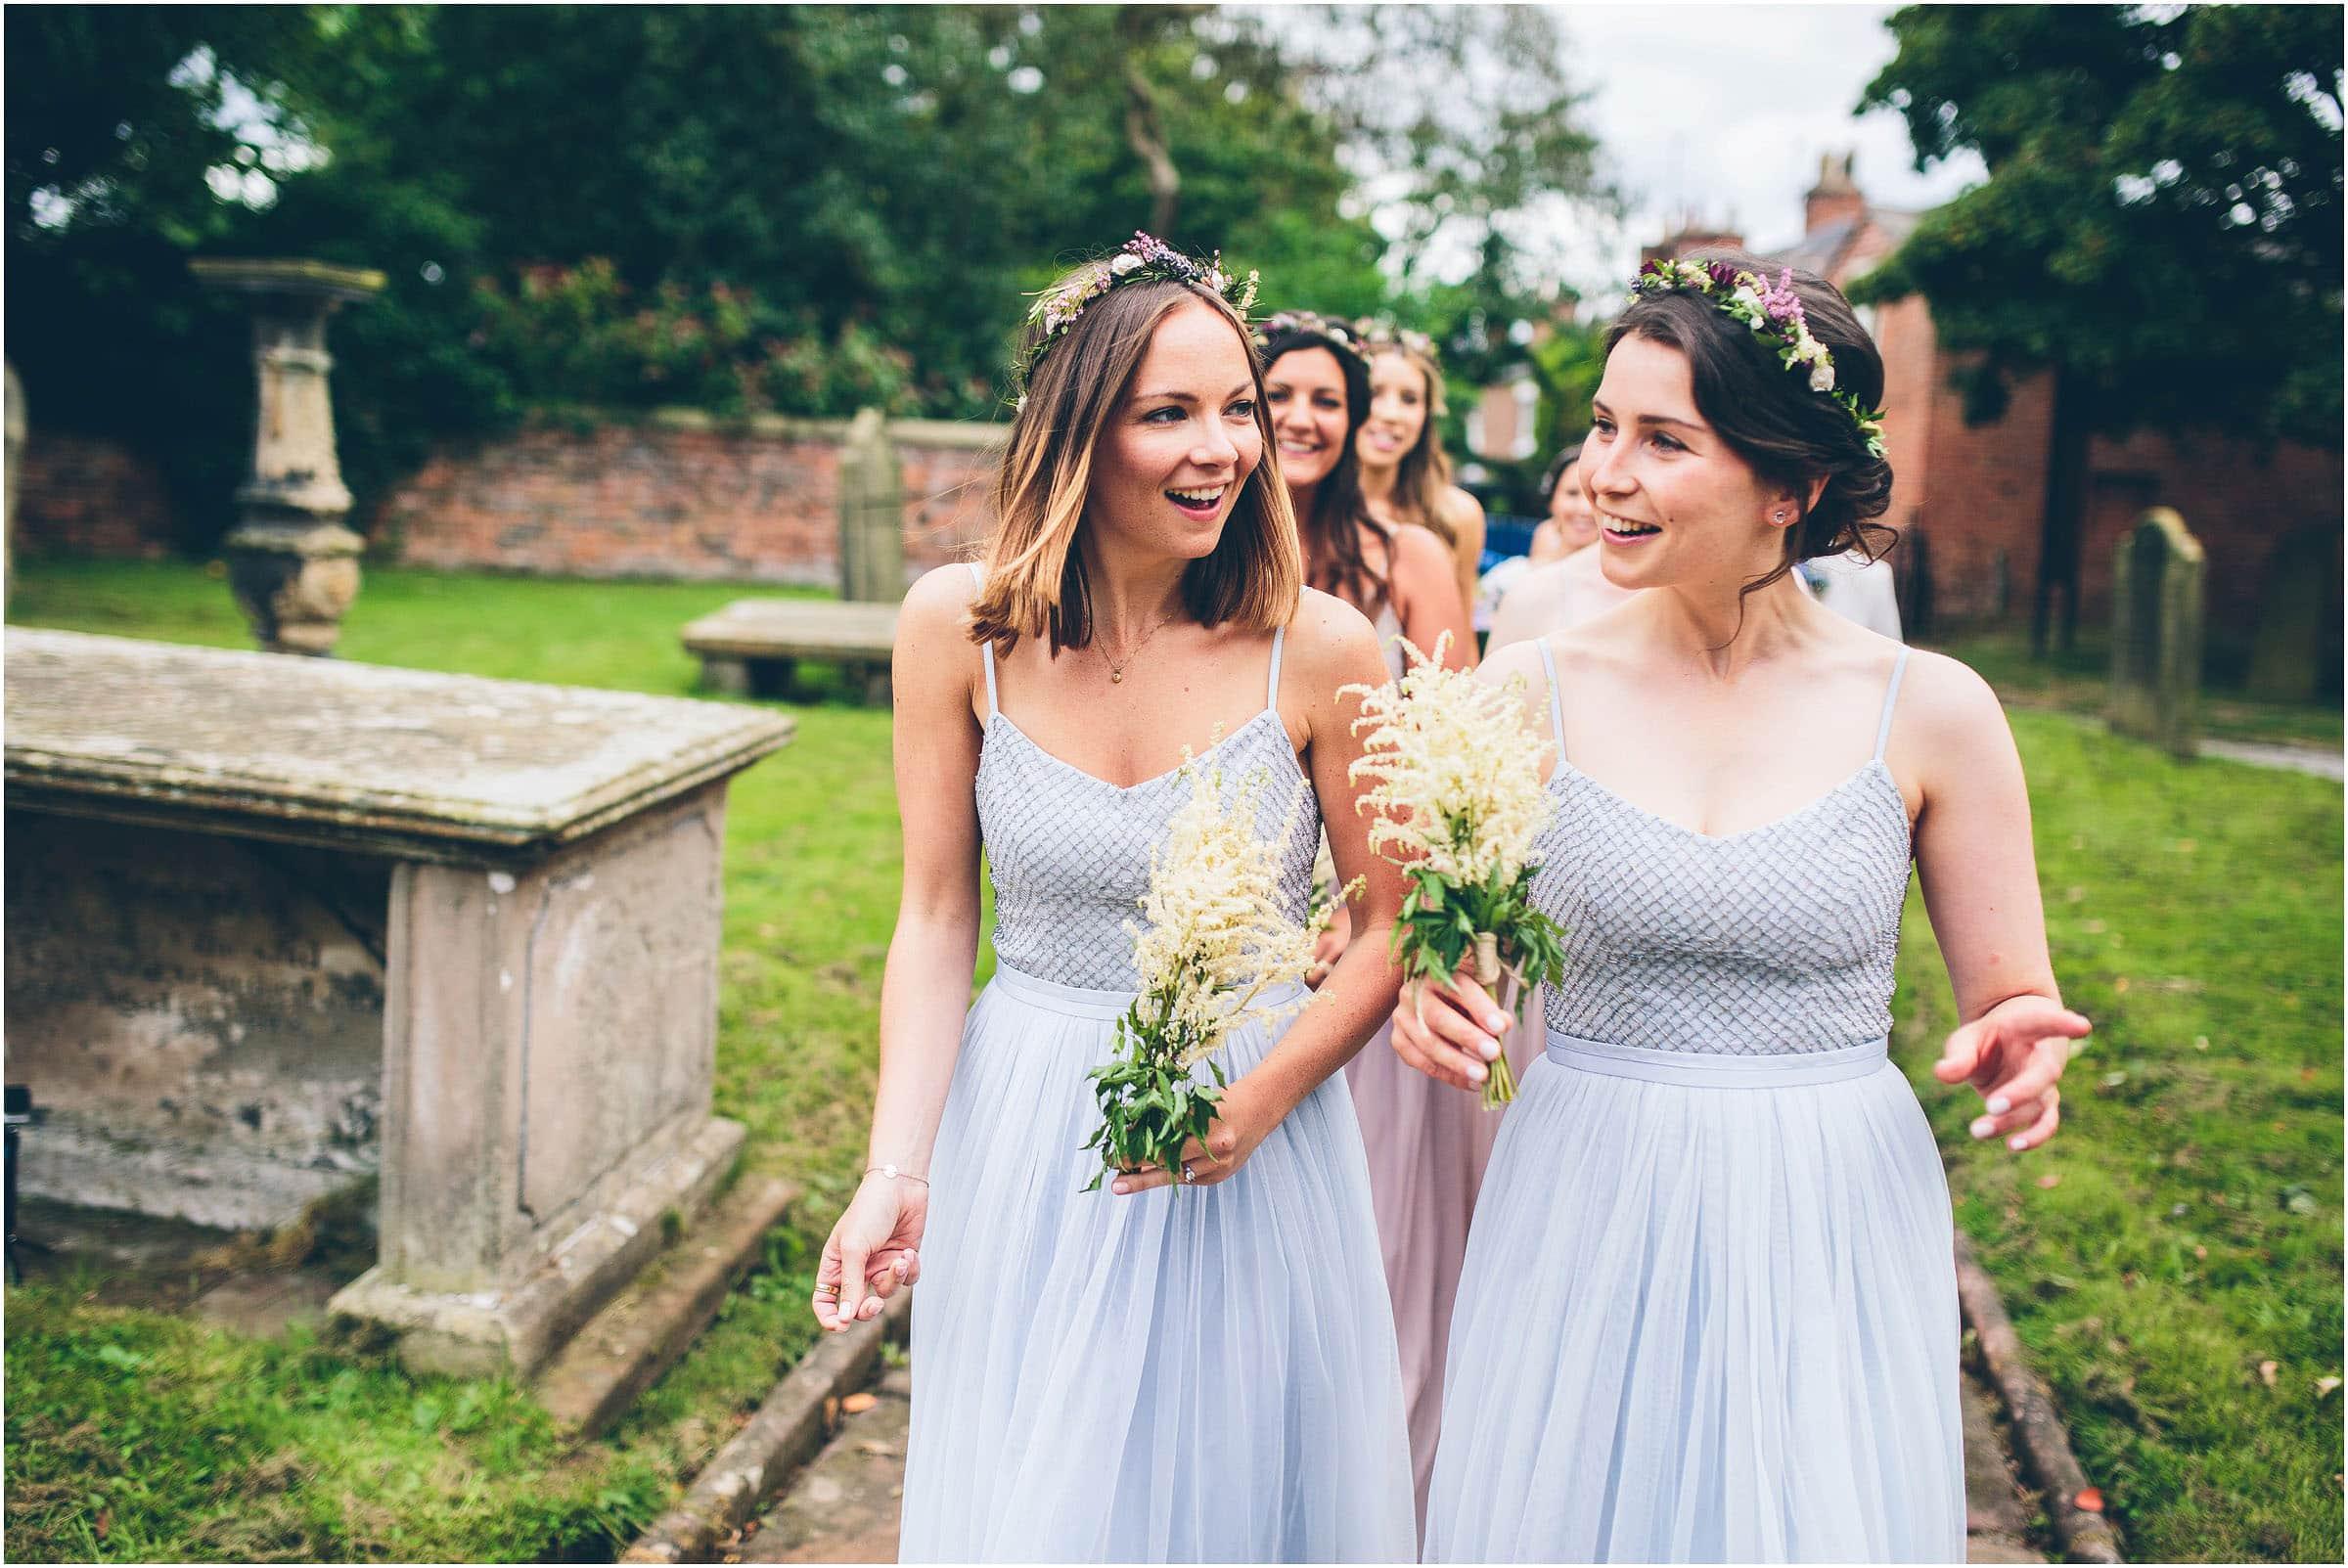 Harthill_Weddings_Wedding_Photography_0042